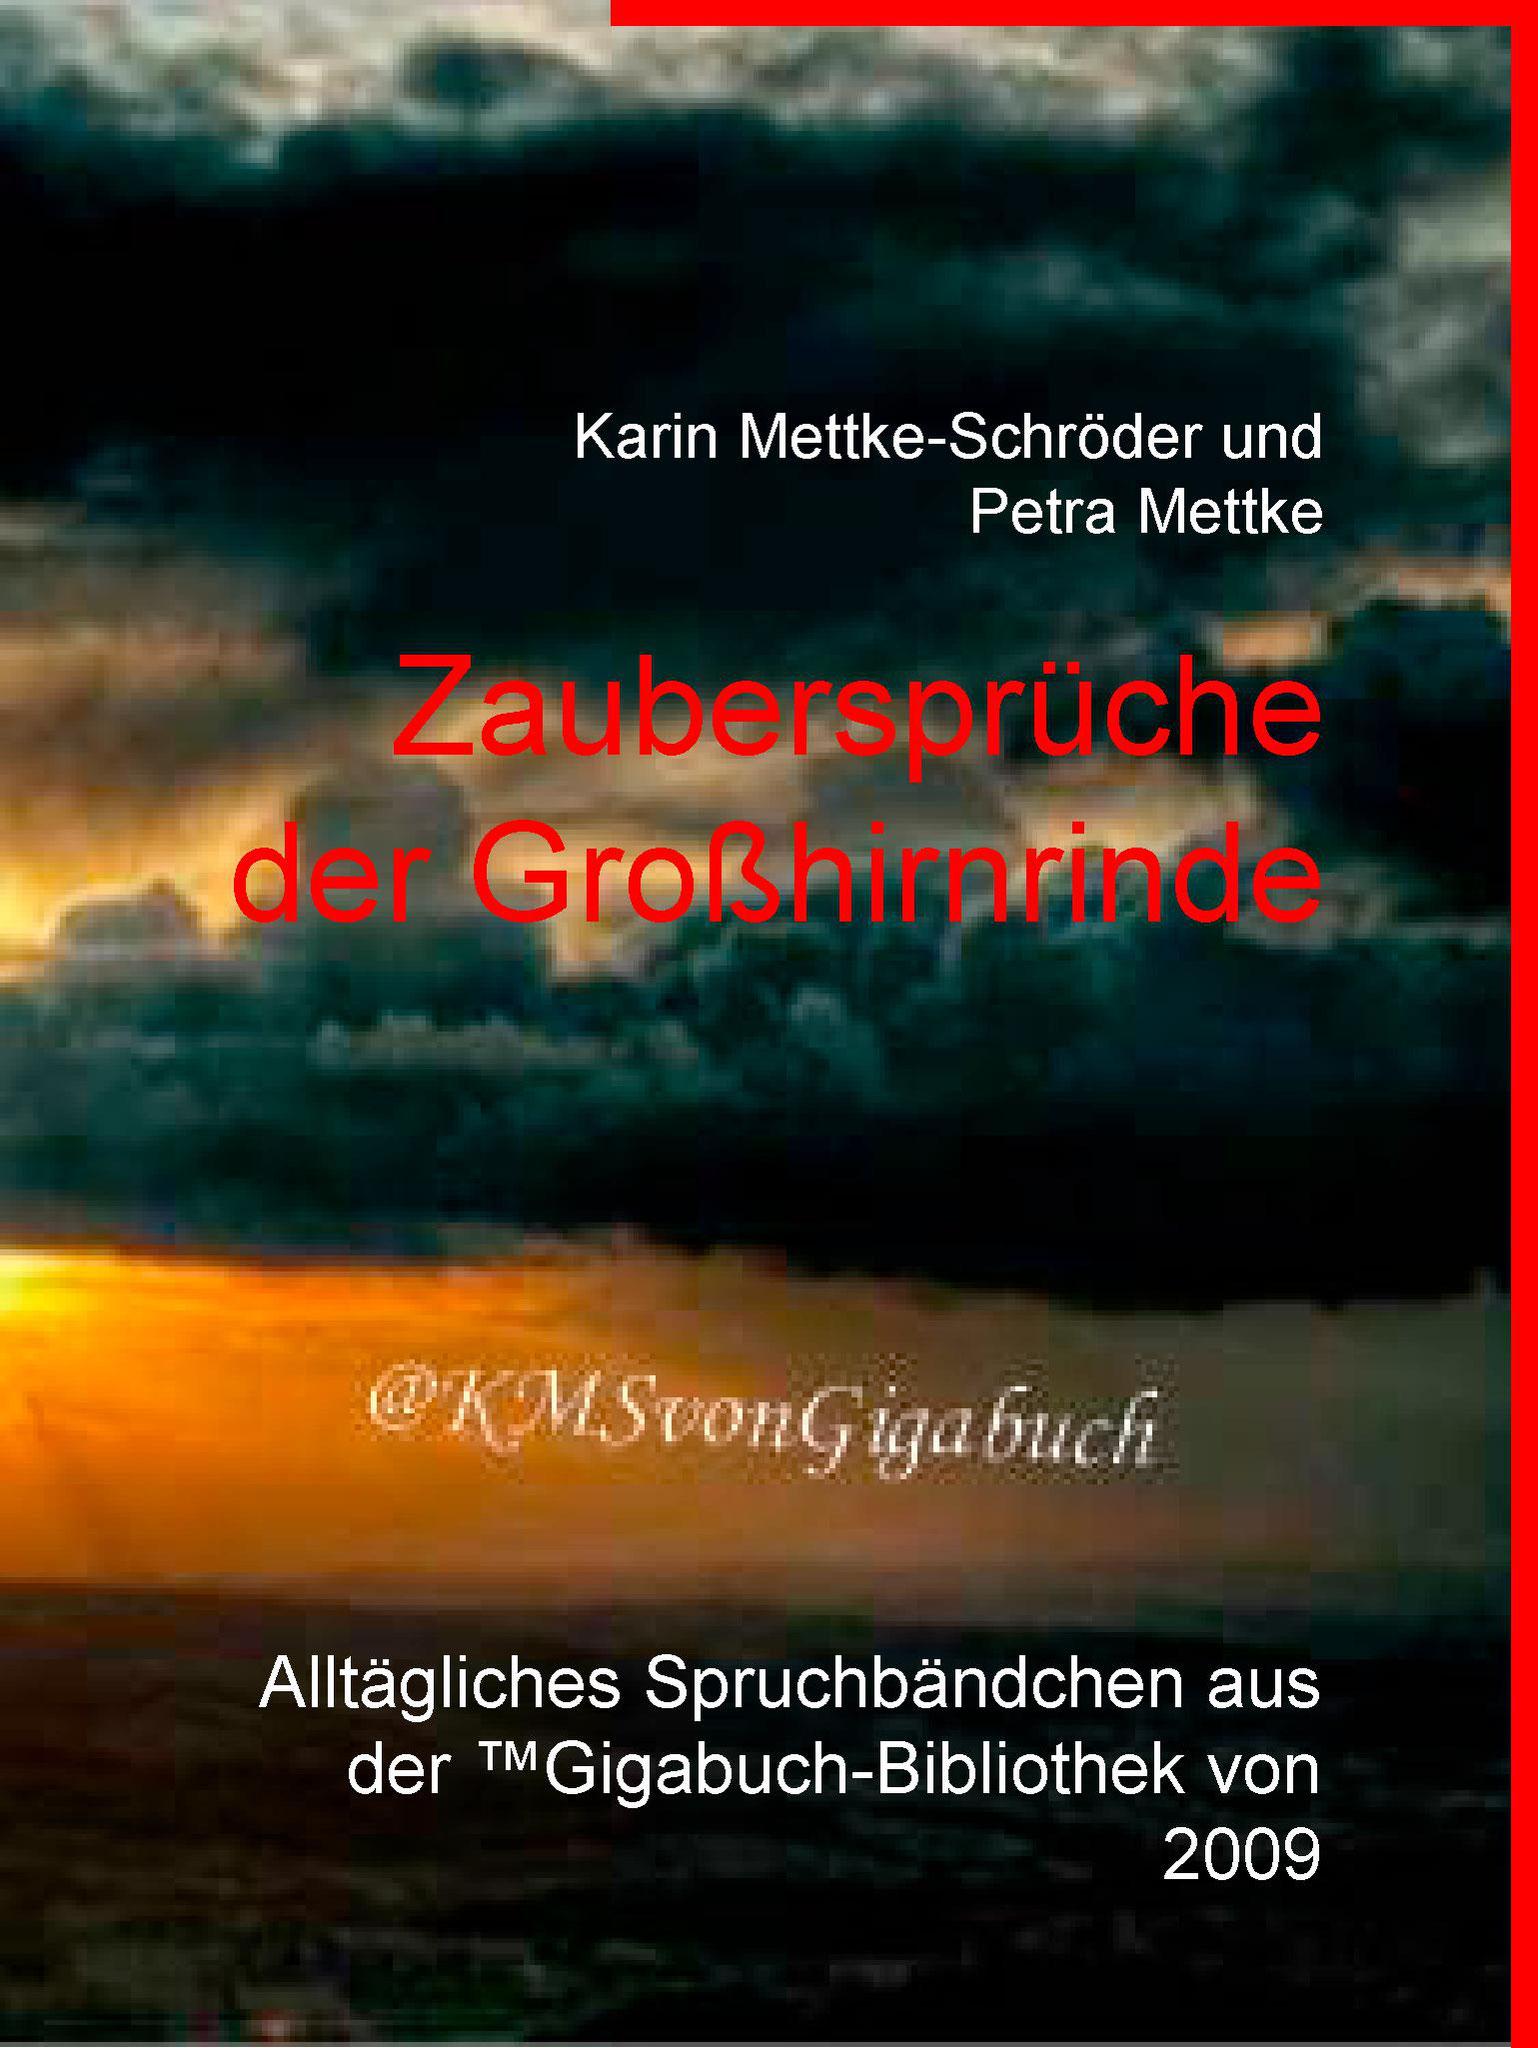 Karin Mettke-Schröder, Petra Mettke/Zaubersprüche/Gigabuch Bibliothek 2009/e-Short ISBN 9783734712043